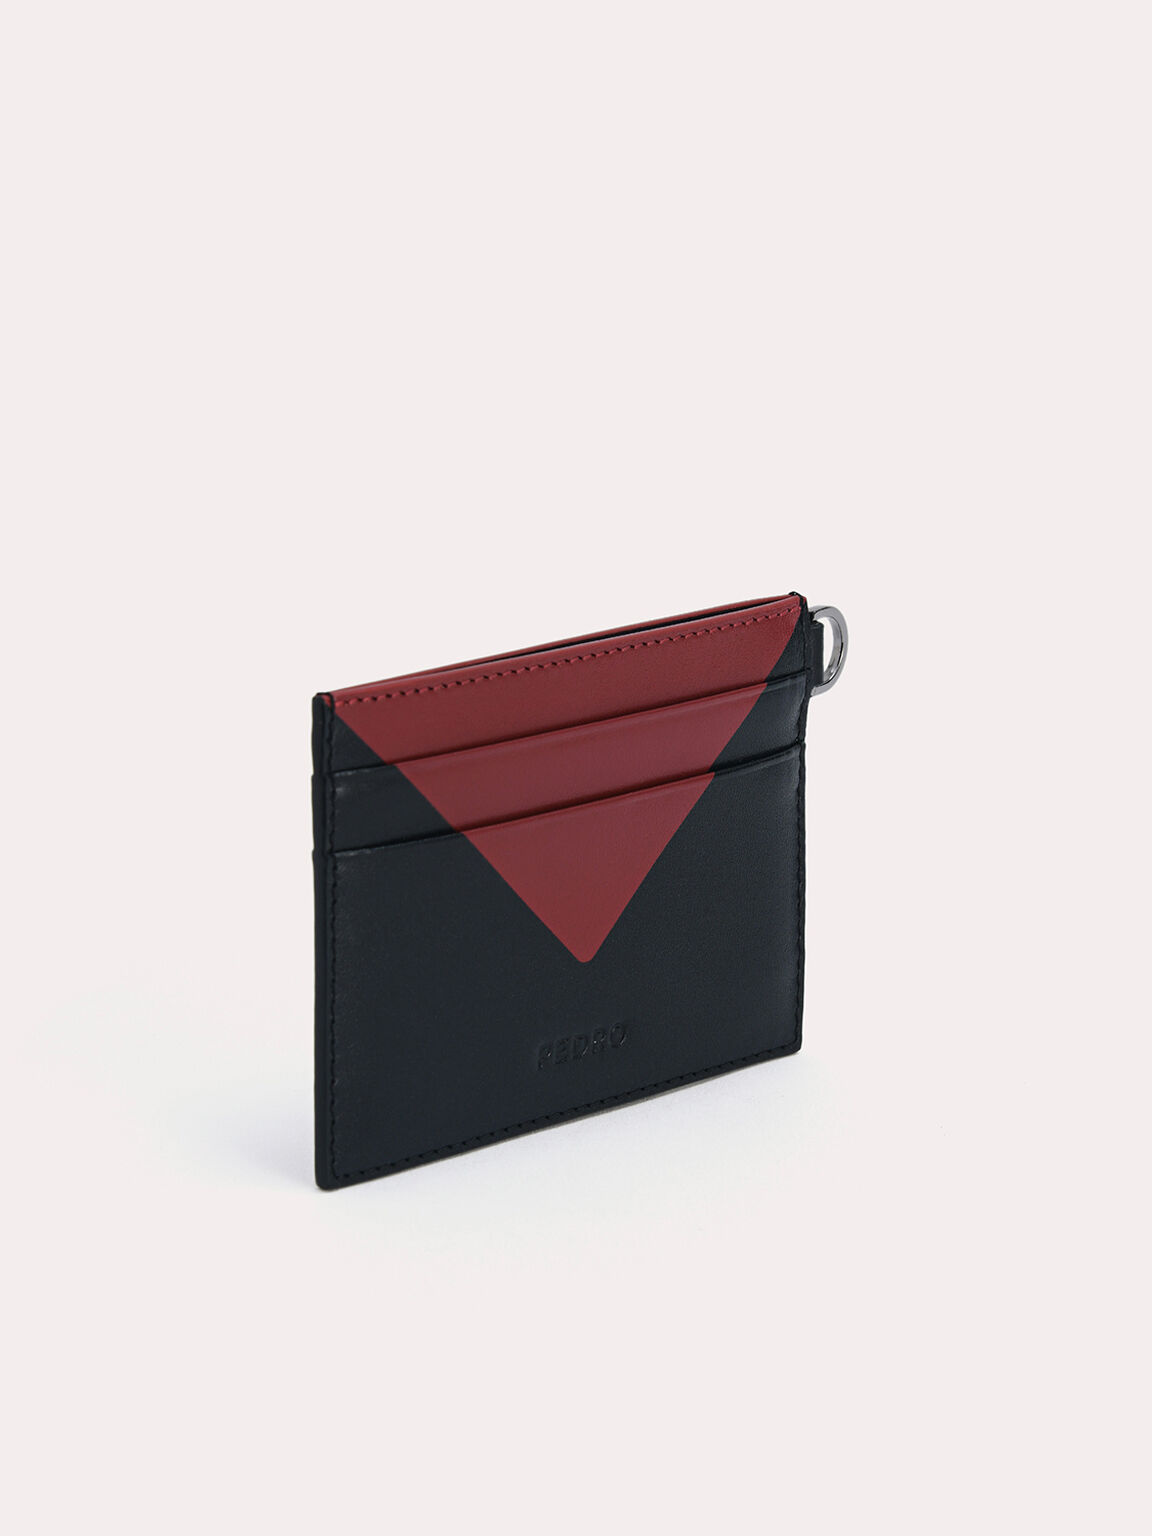 三色皮革卡包, 黑色, hi-res